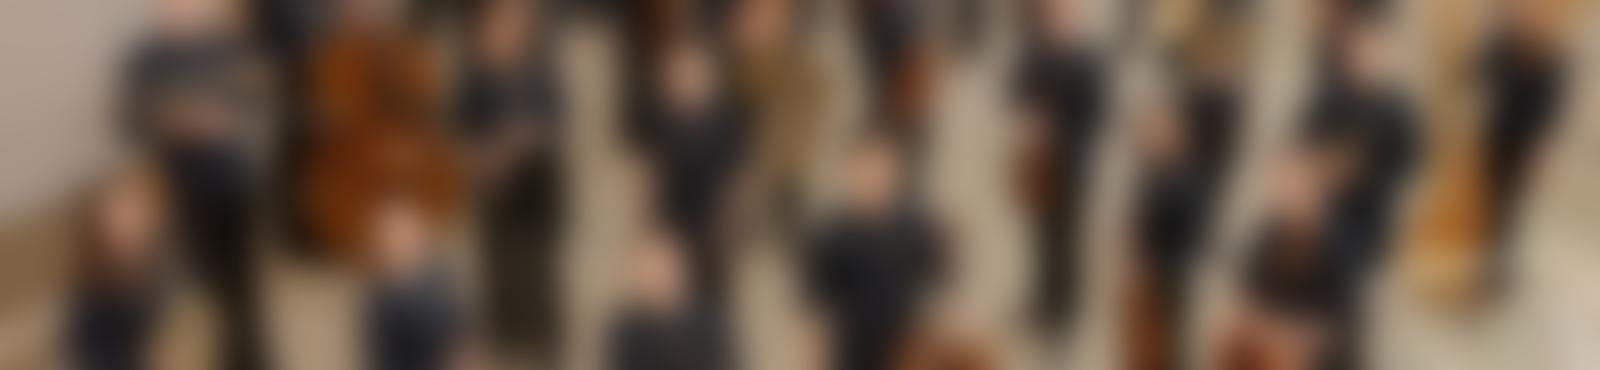 Blurred 24081a84 99a5 4c84 bfb2 1ab5624e281a